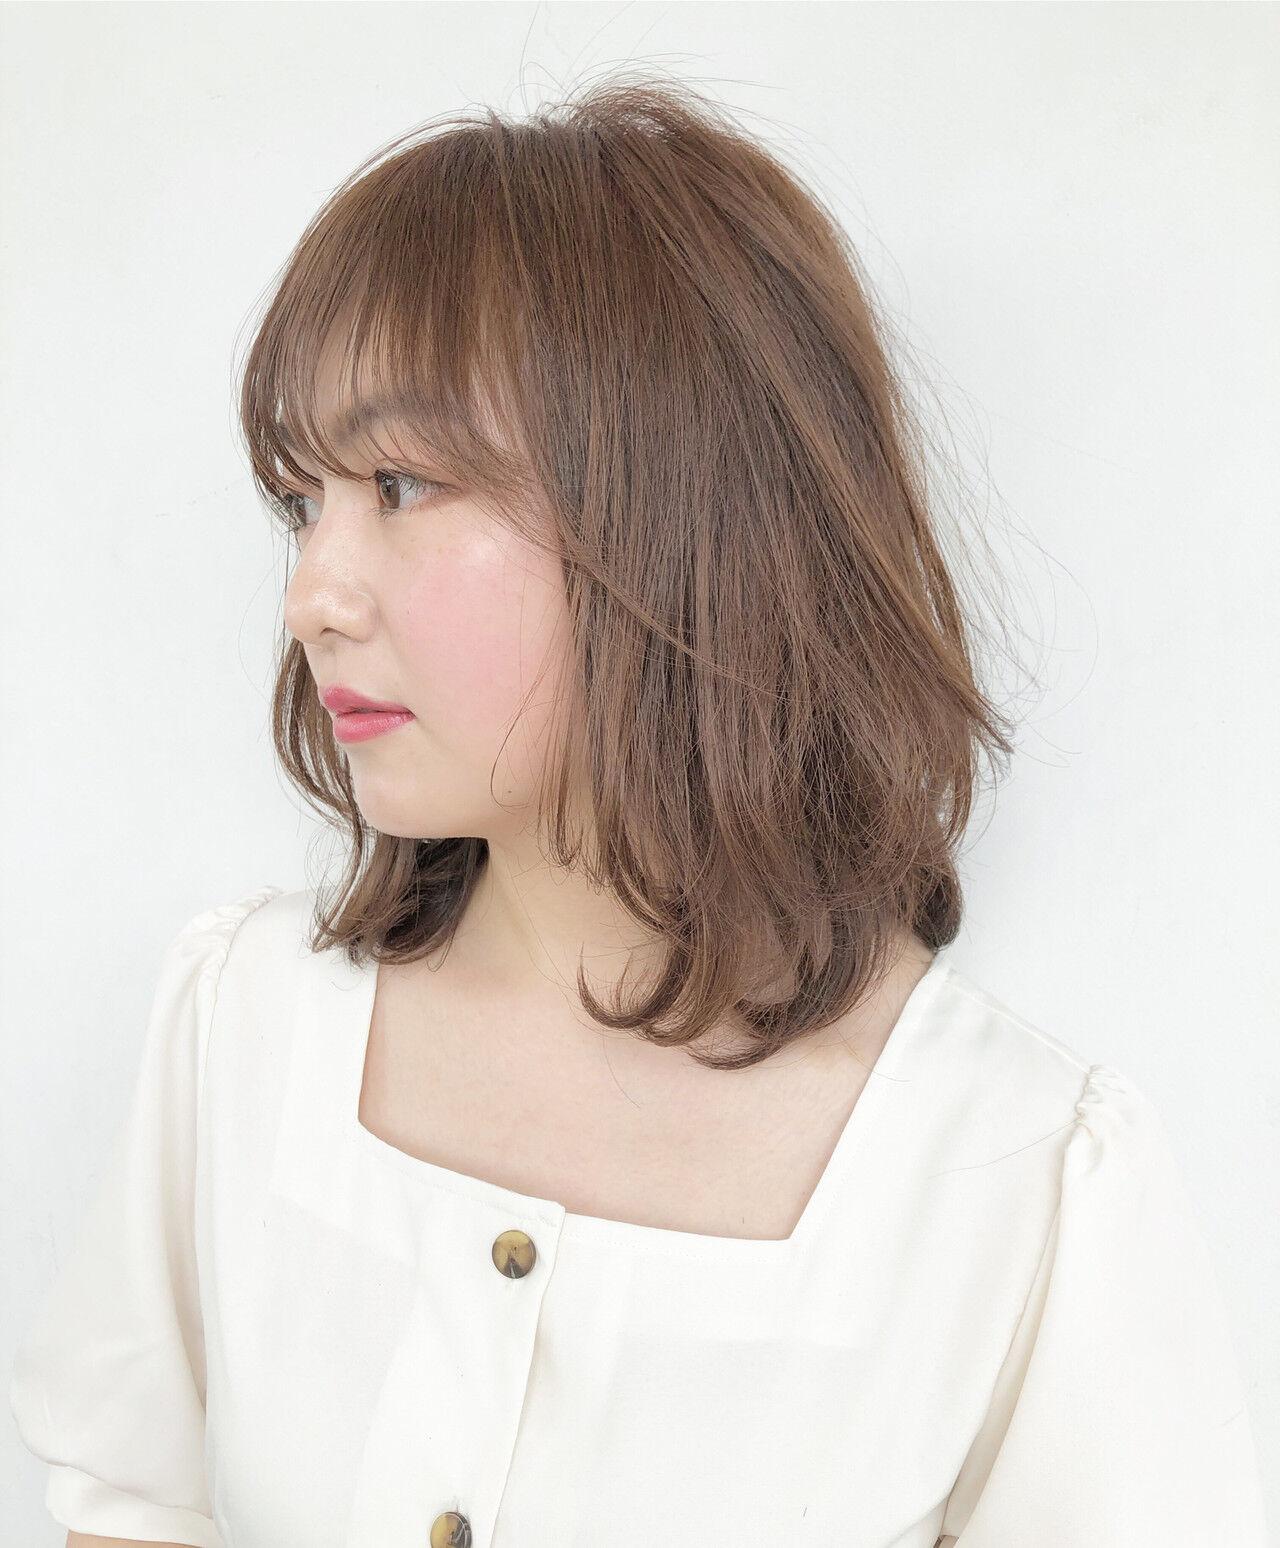 簡単ヘアアレンジ ミルクティーベージュ ヘアアレンジ レイヤーカットヘアスタイルや髪型の写真・画像